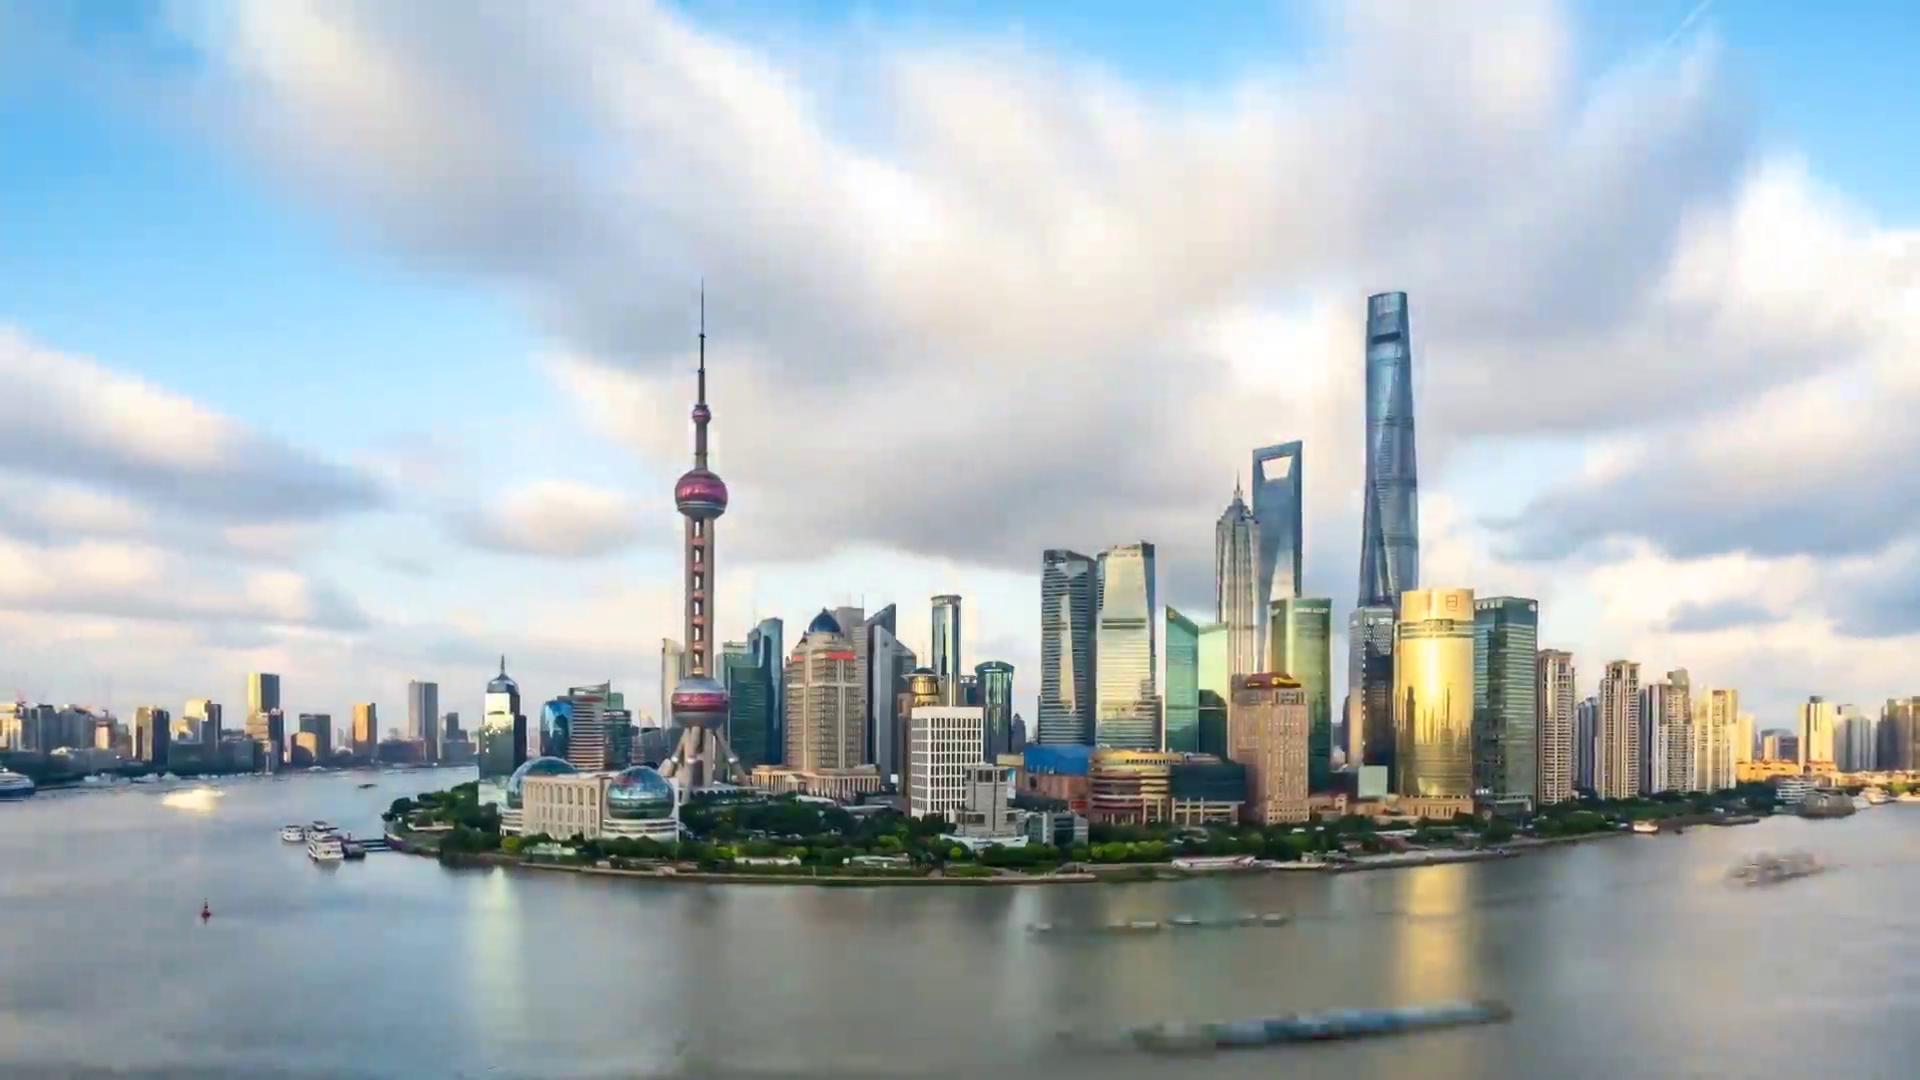 《生态中国·十期十美》上海篇·沪上田园瞰崇明